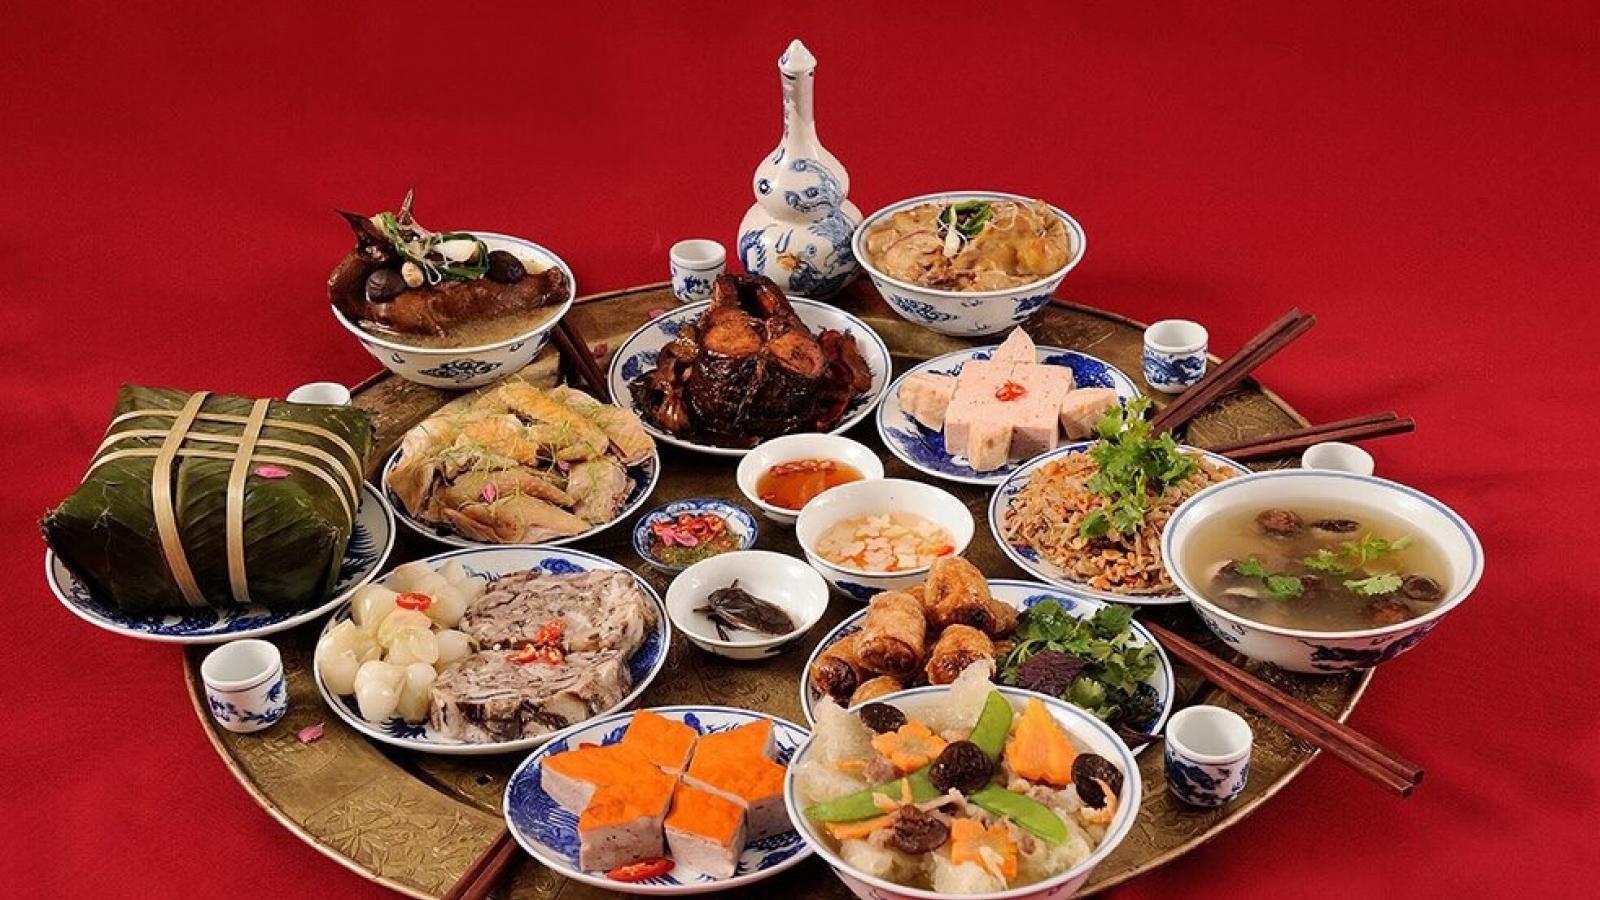 Nghệ nhân ẩm thực Ánh Tuyết gợi ý mâm cỗ cúng Rằm tháng Giêng